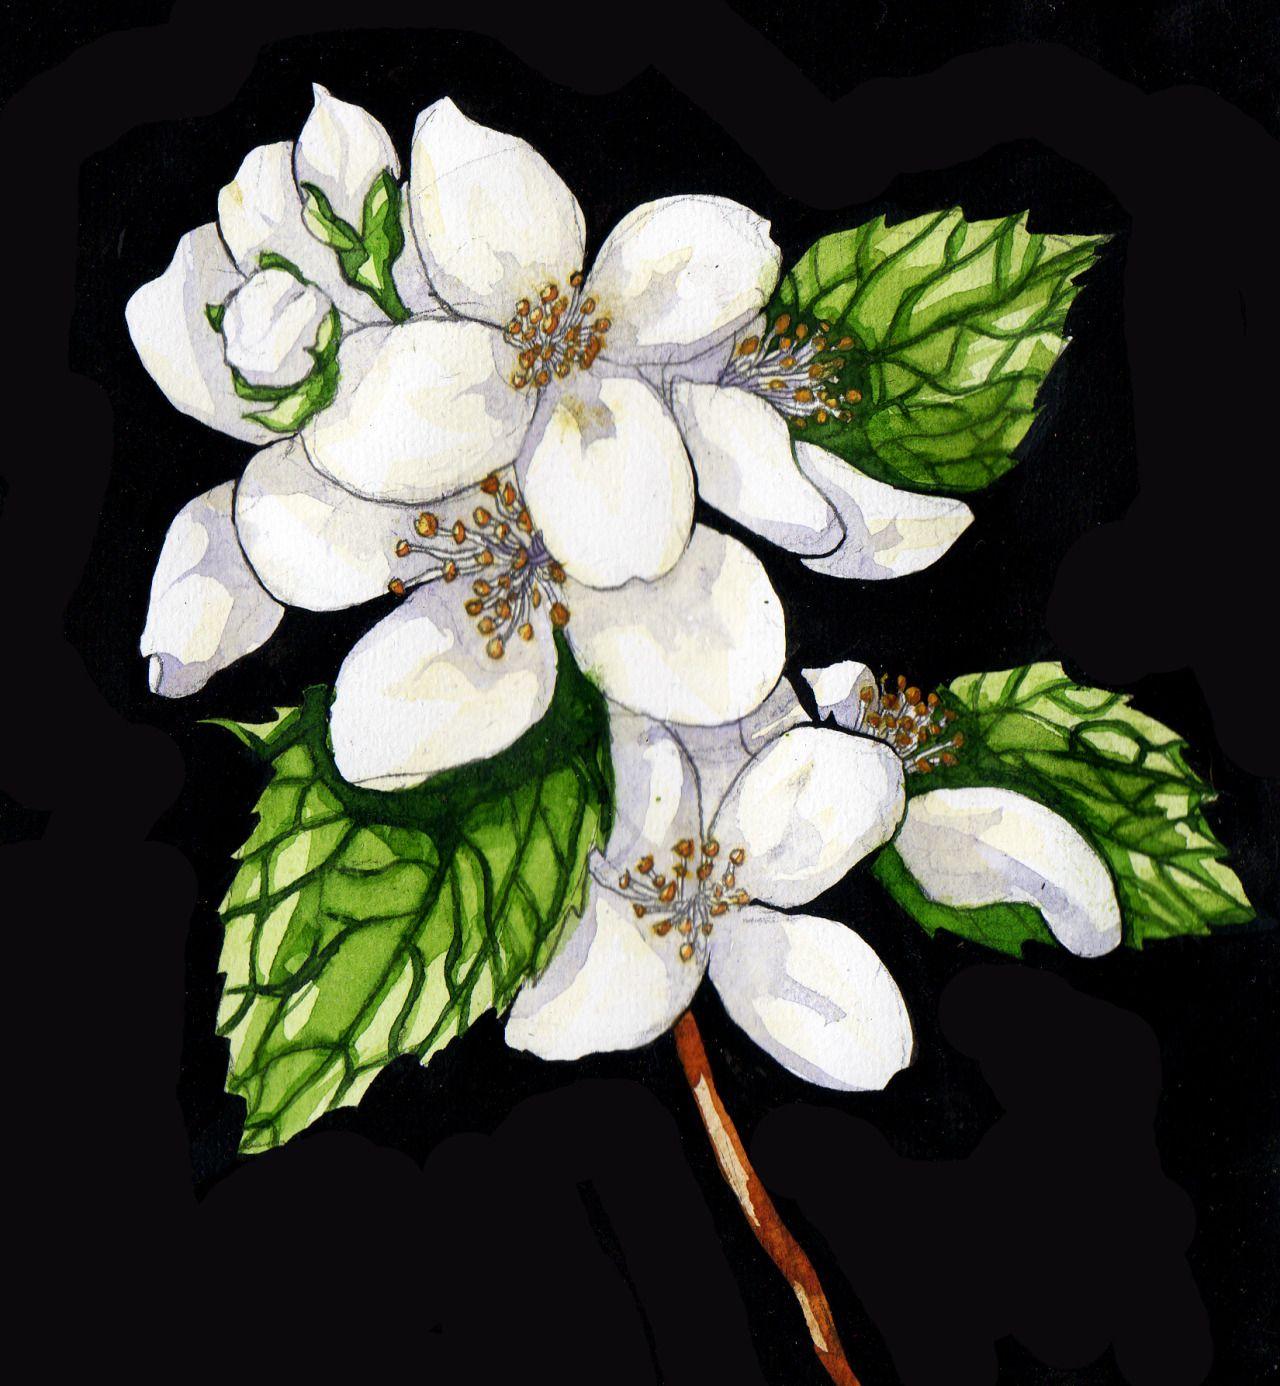 Jasmine jasminum amiability sweetnessjas in the arab language jasmine jasminum amiability sweetnessjas in the arab language is despair izmirmasajfo